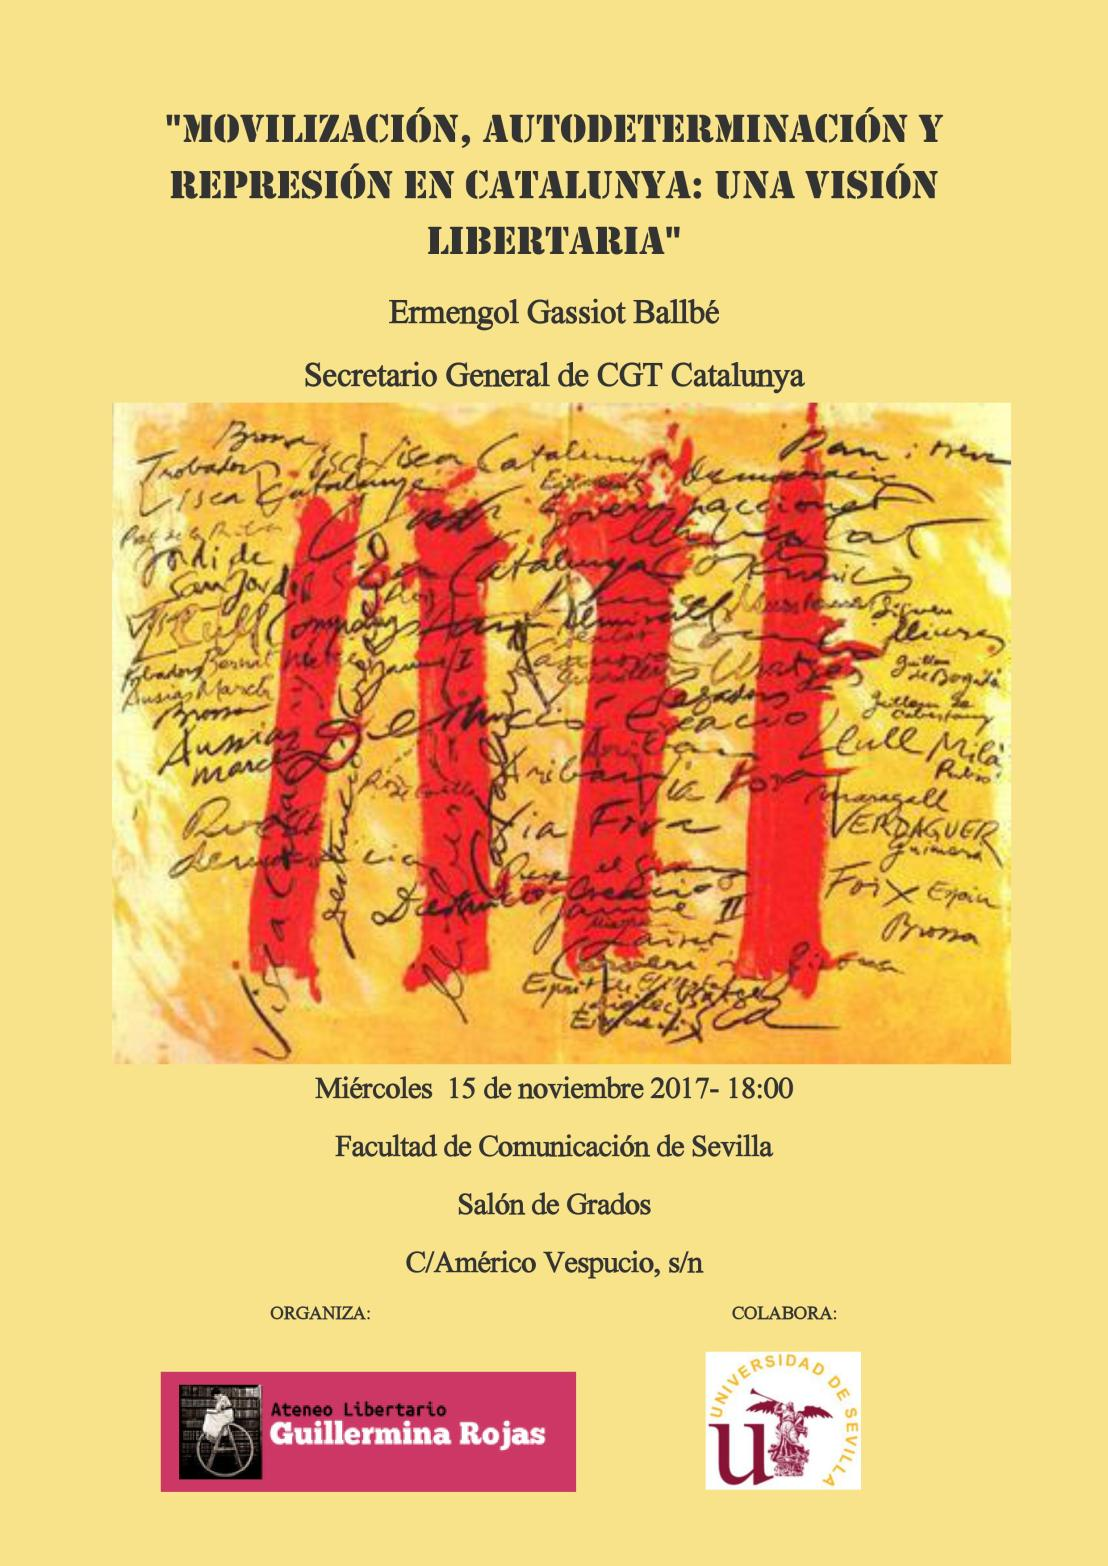 """Charla """"Movilización, autodeterminación y represión en Catalunya: una visión libertaria"""" a cargo de Ermengol Gassiot Ballbé, Secretario General de CGTCatalunya"""